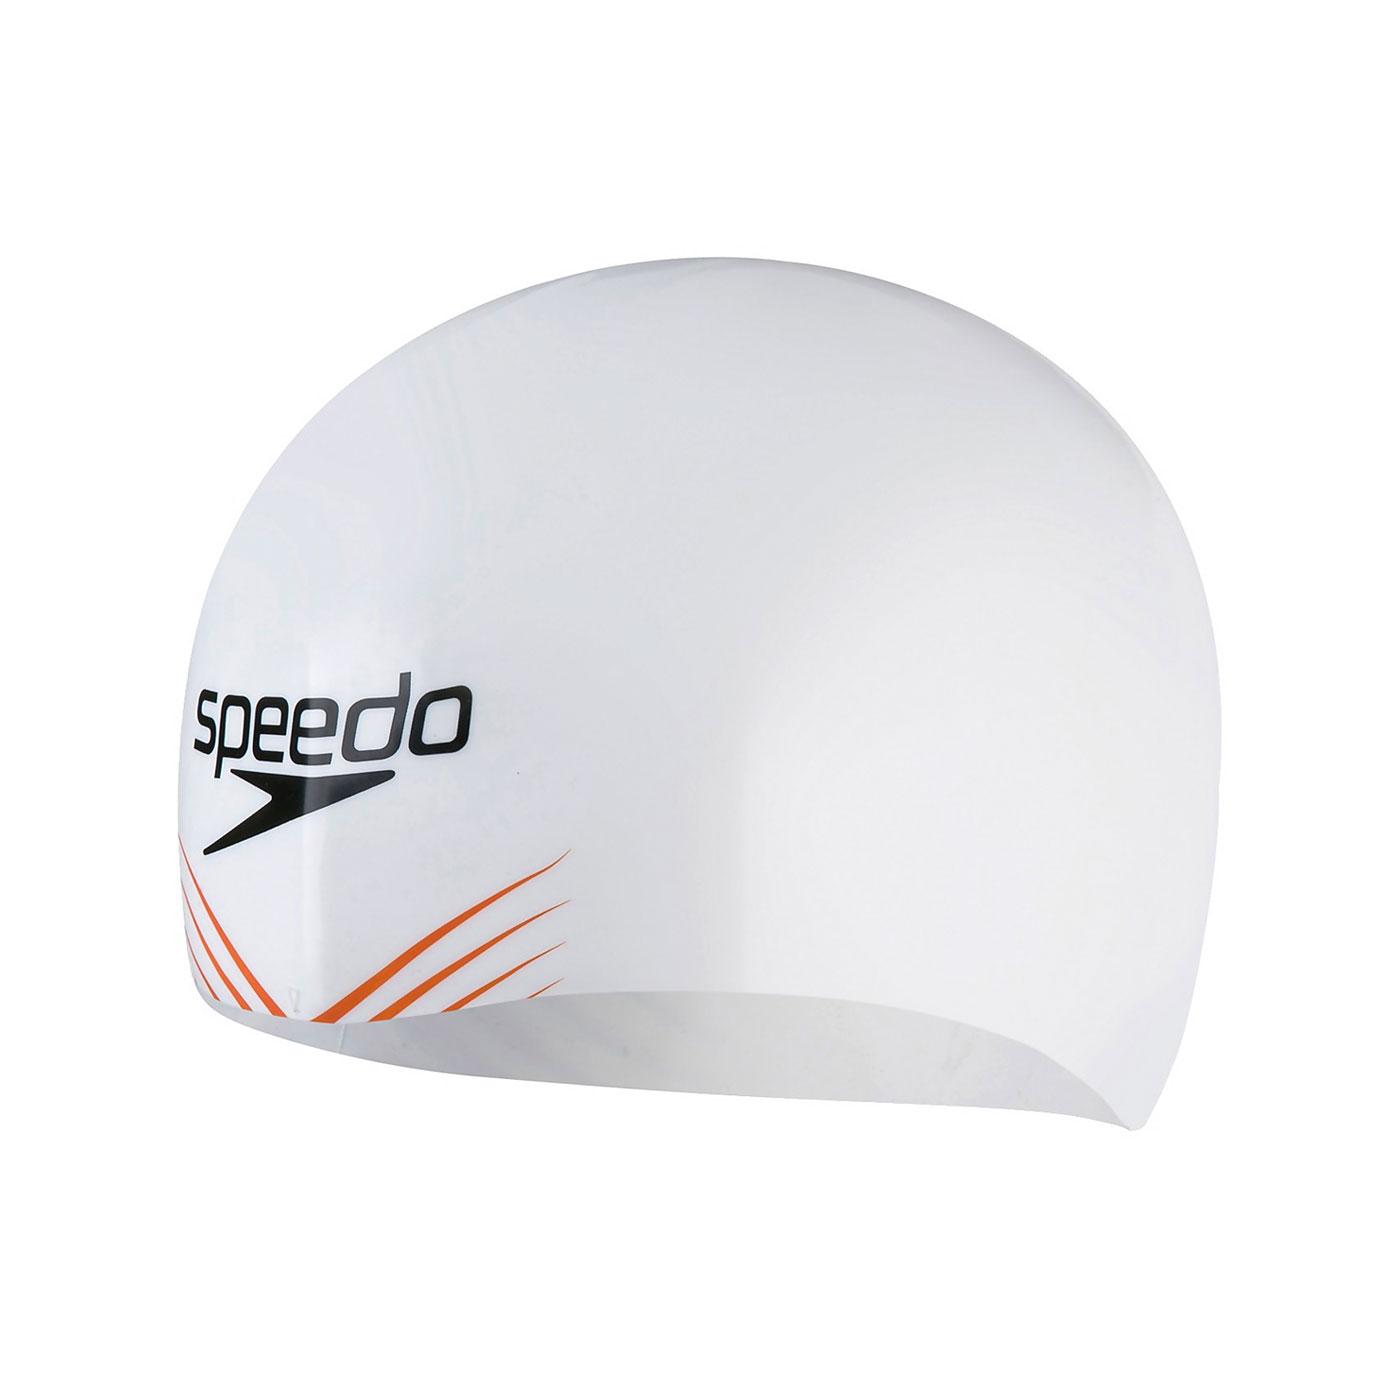 SPEEDO 成人競技矽膠泳帽 SD808216F931